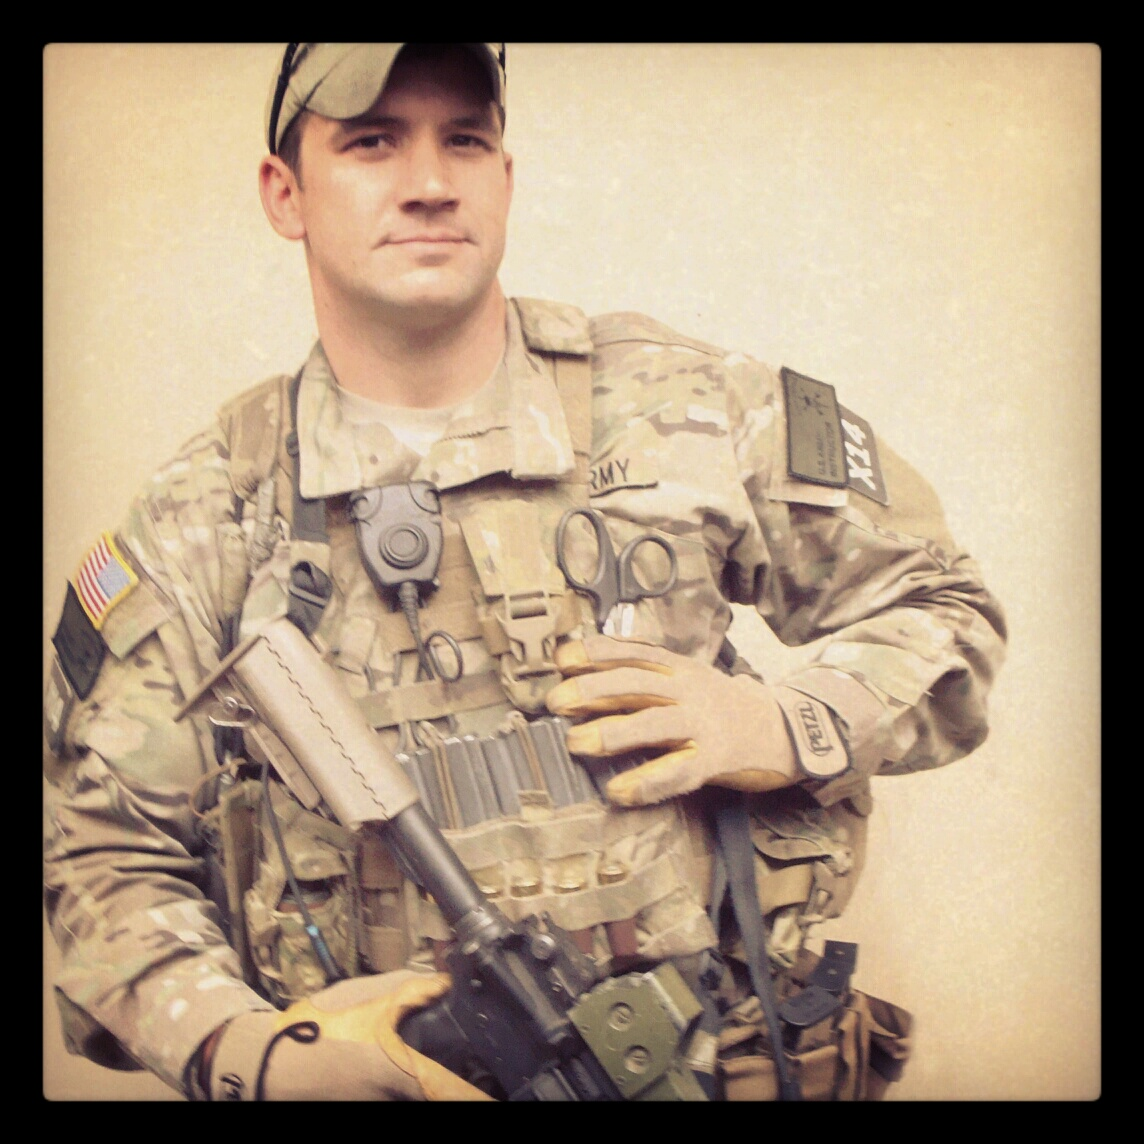 USASOC — Fort Bragg, N. C. April 26, 2012